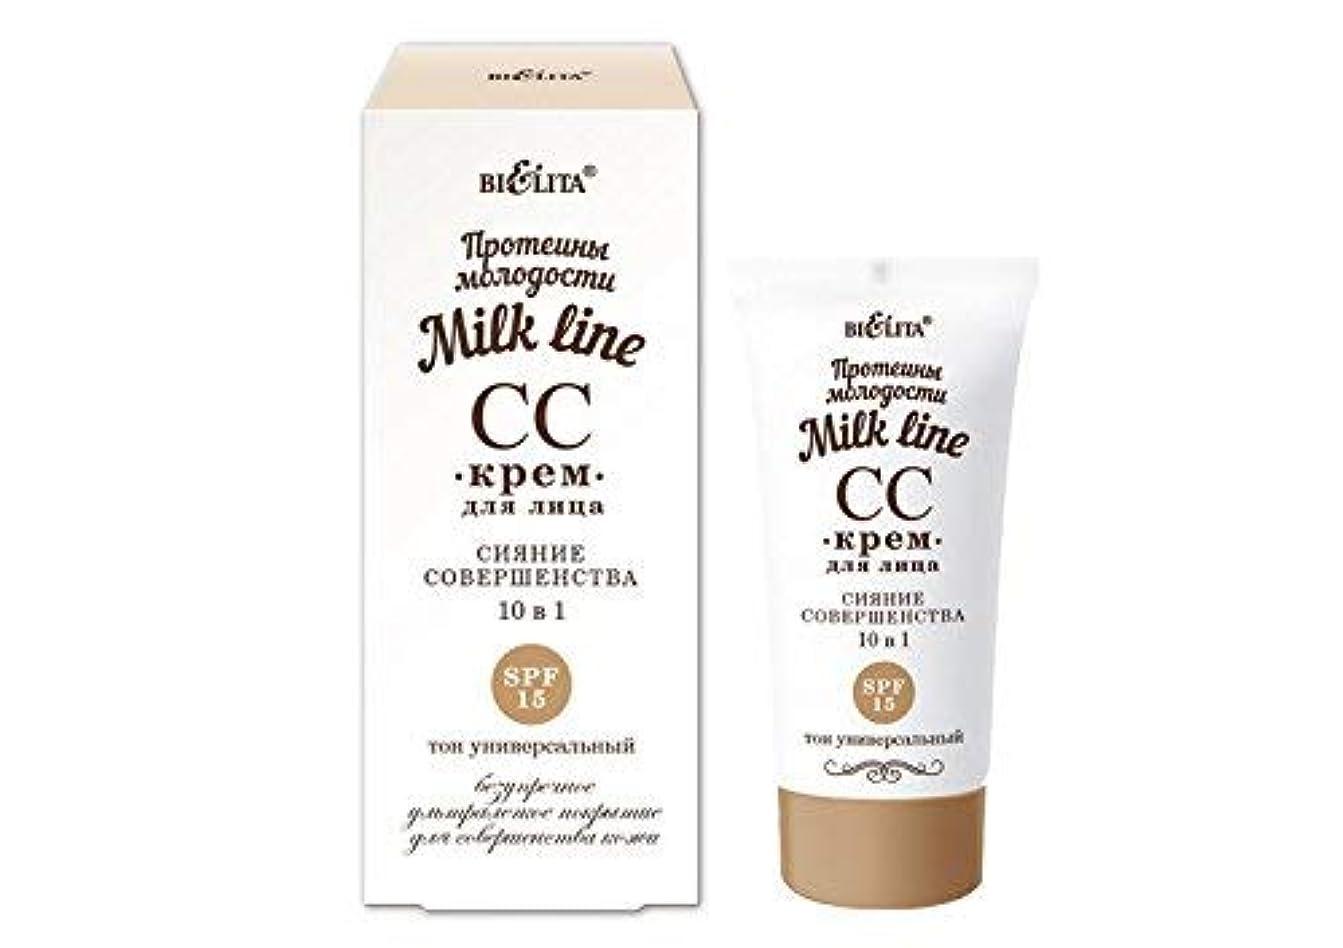 地区ボイラー四CC Cream,based on goat's milk Total Effects Tone Correcting Moisturizer with Sunscreen, Light to Medium 10 effects...